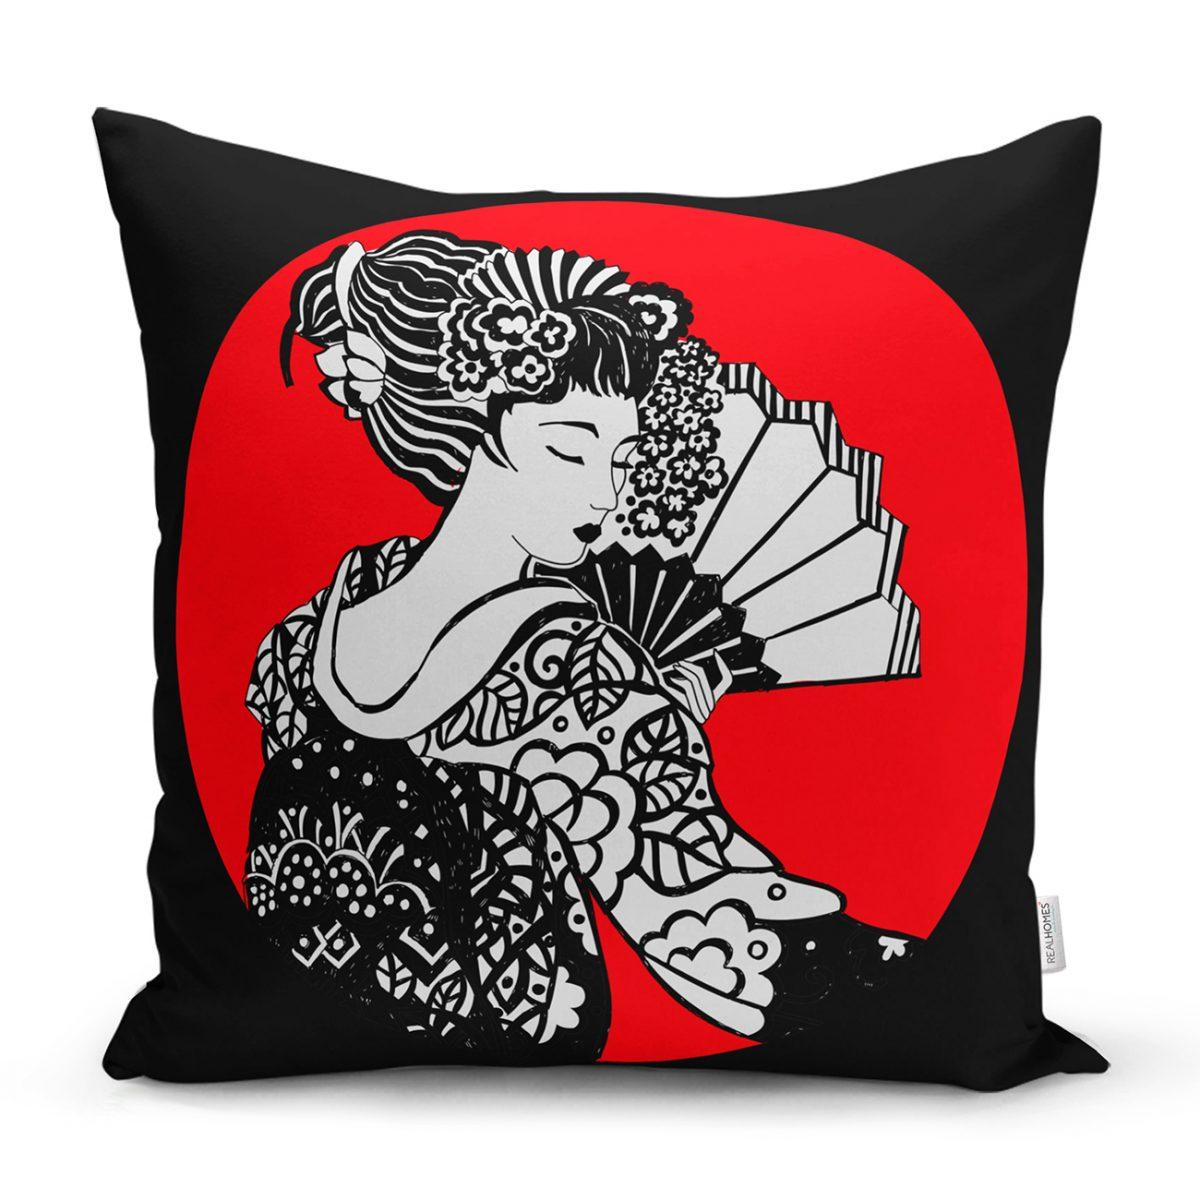 Siyah ve Kırmızı Zeminde Gri Japon Kız Motifli Yastık Kılıfı Realhomes